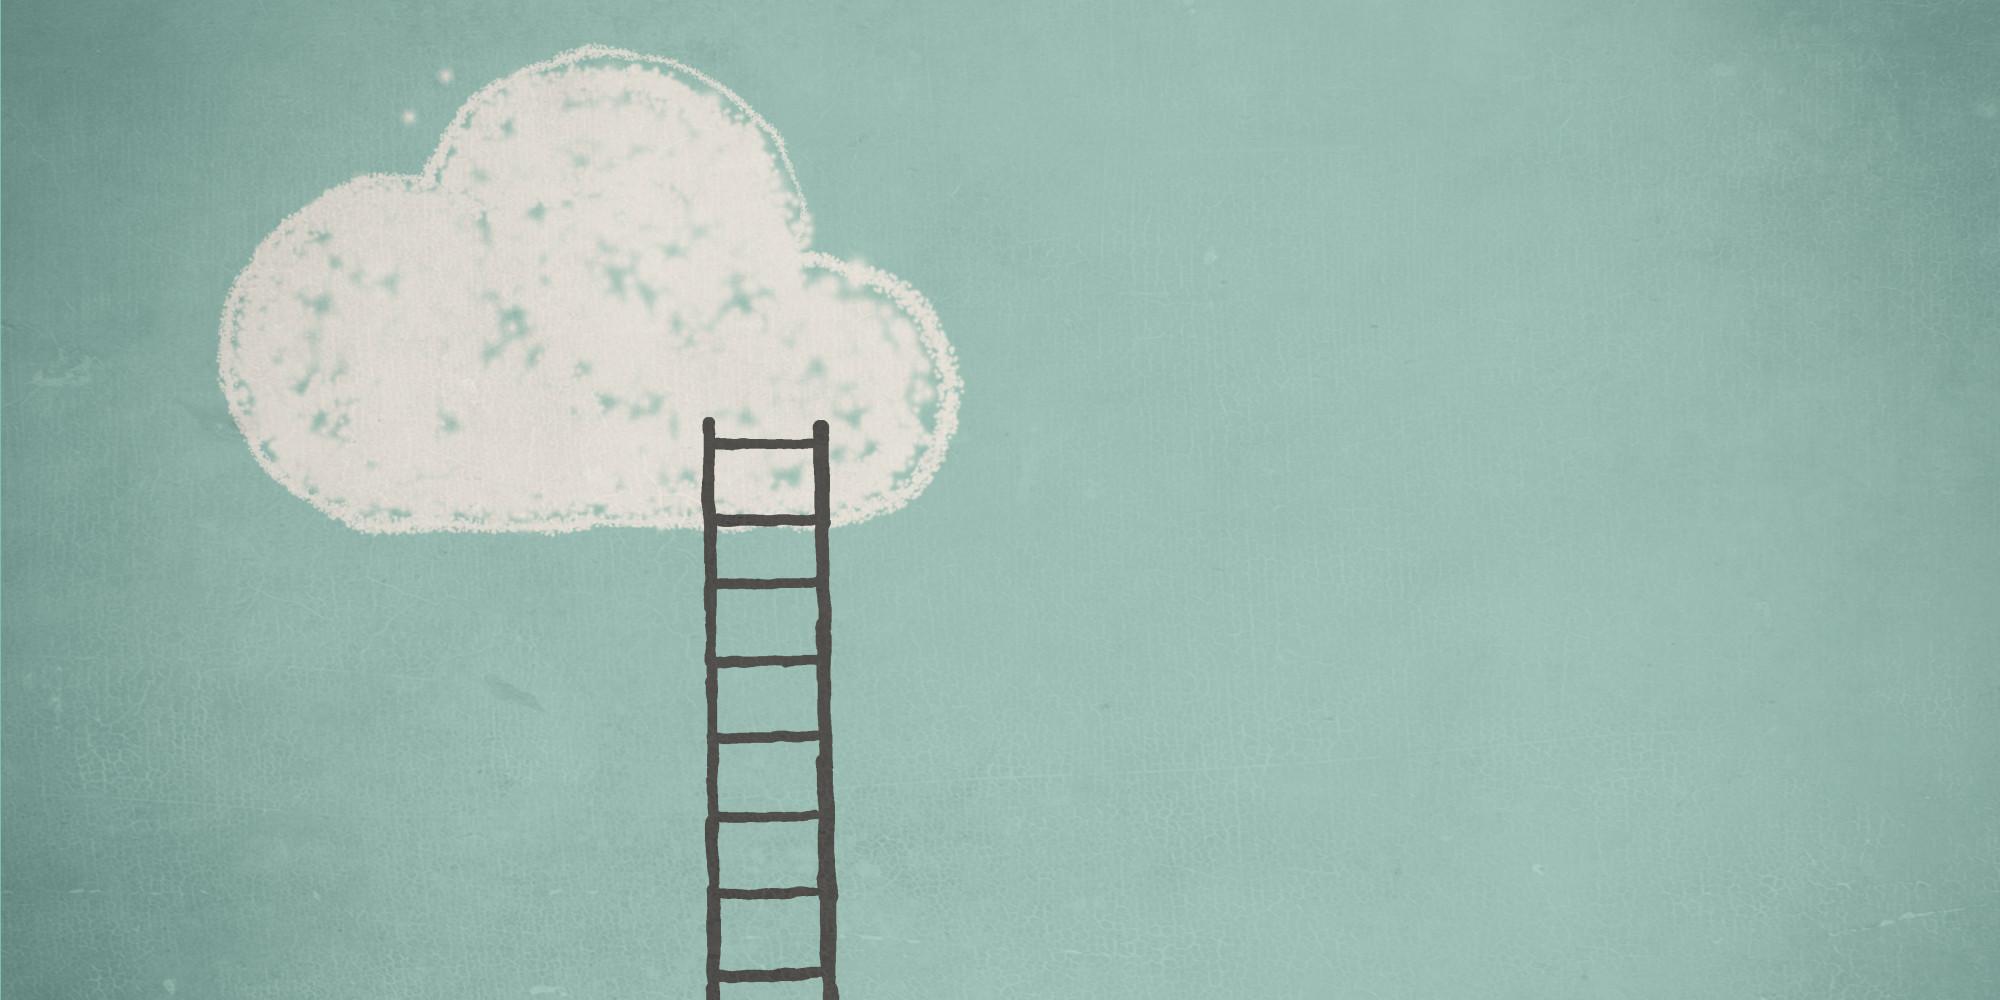 ورود به شتابدهنده یکی از اساسیترین سوال هر کسبوکاری است